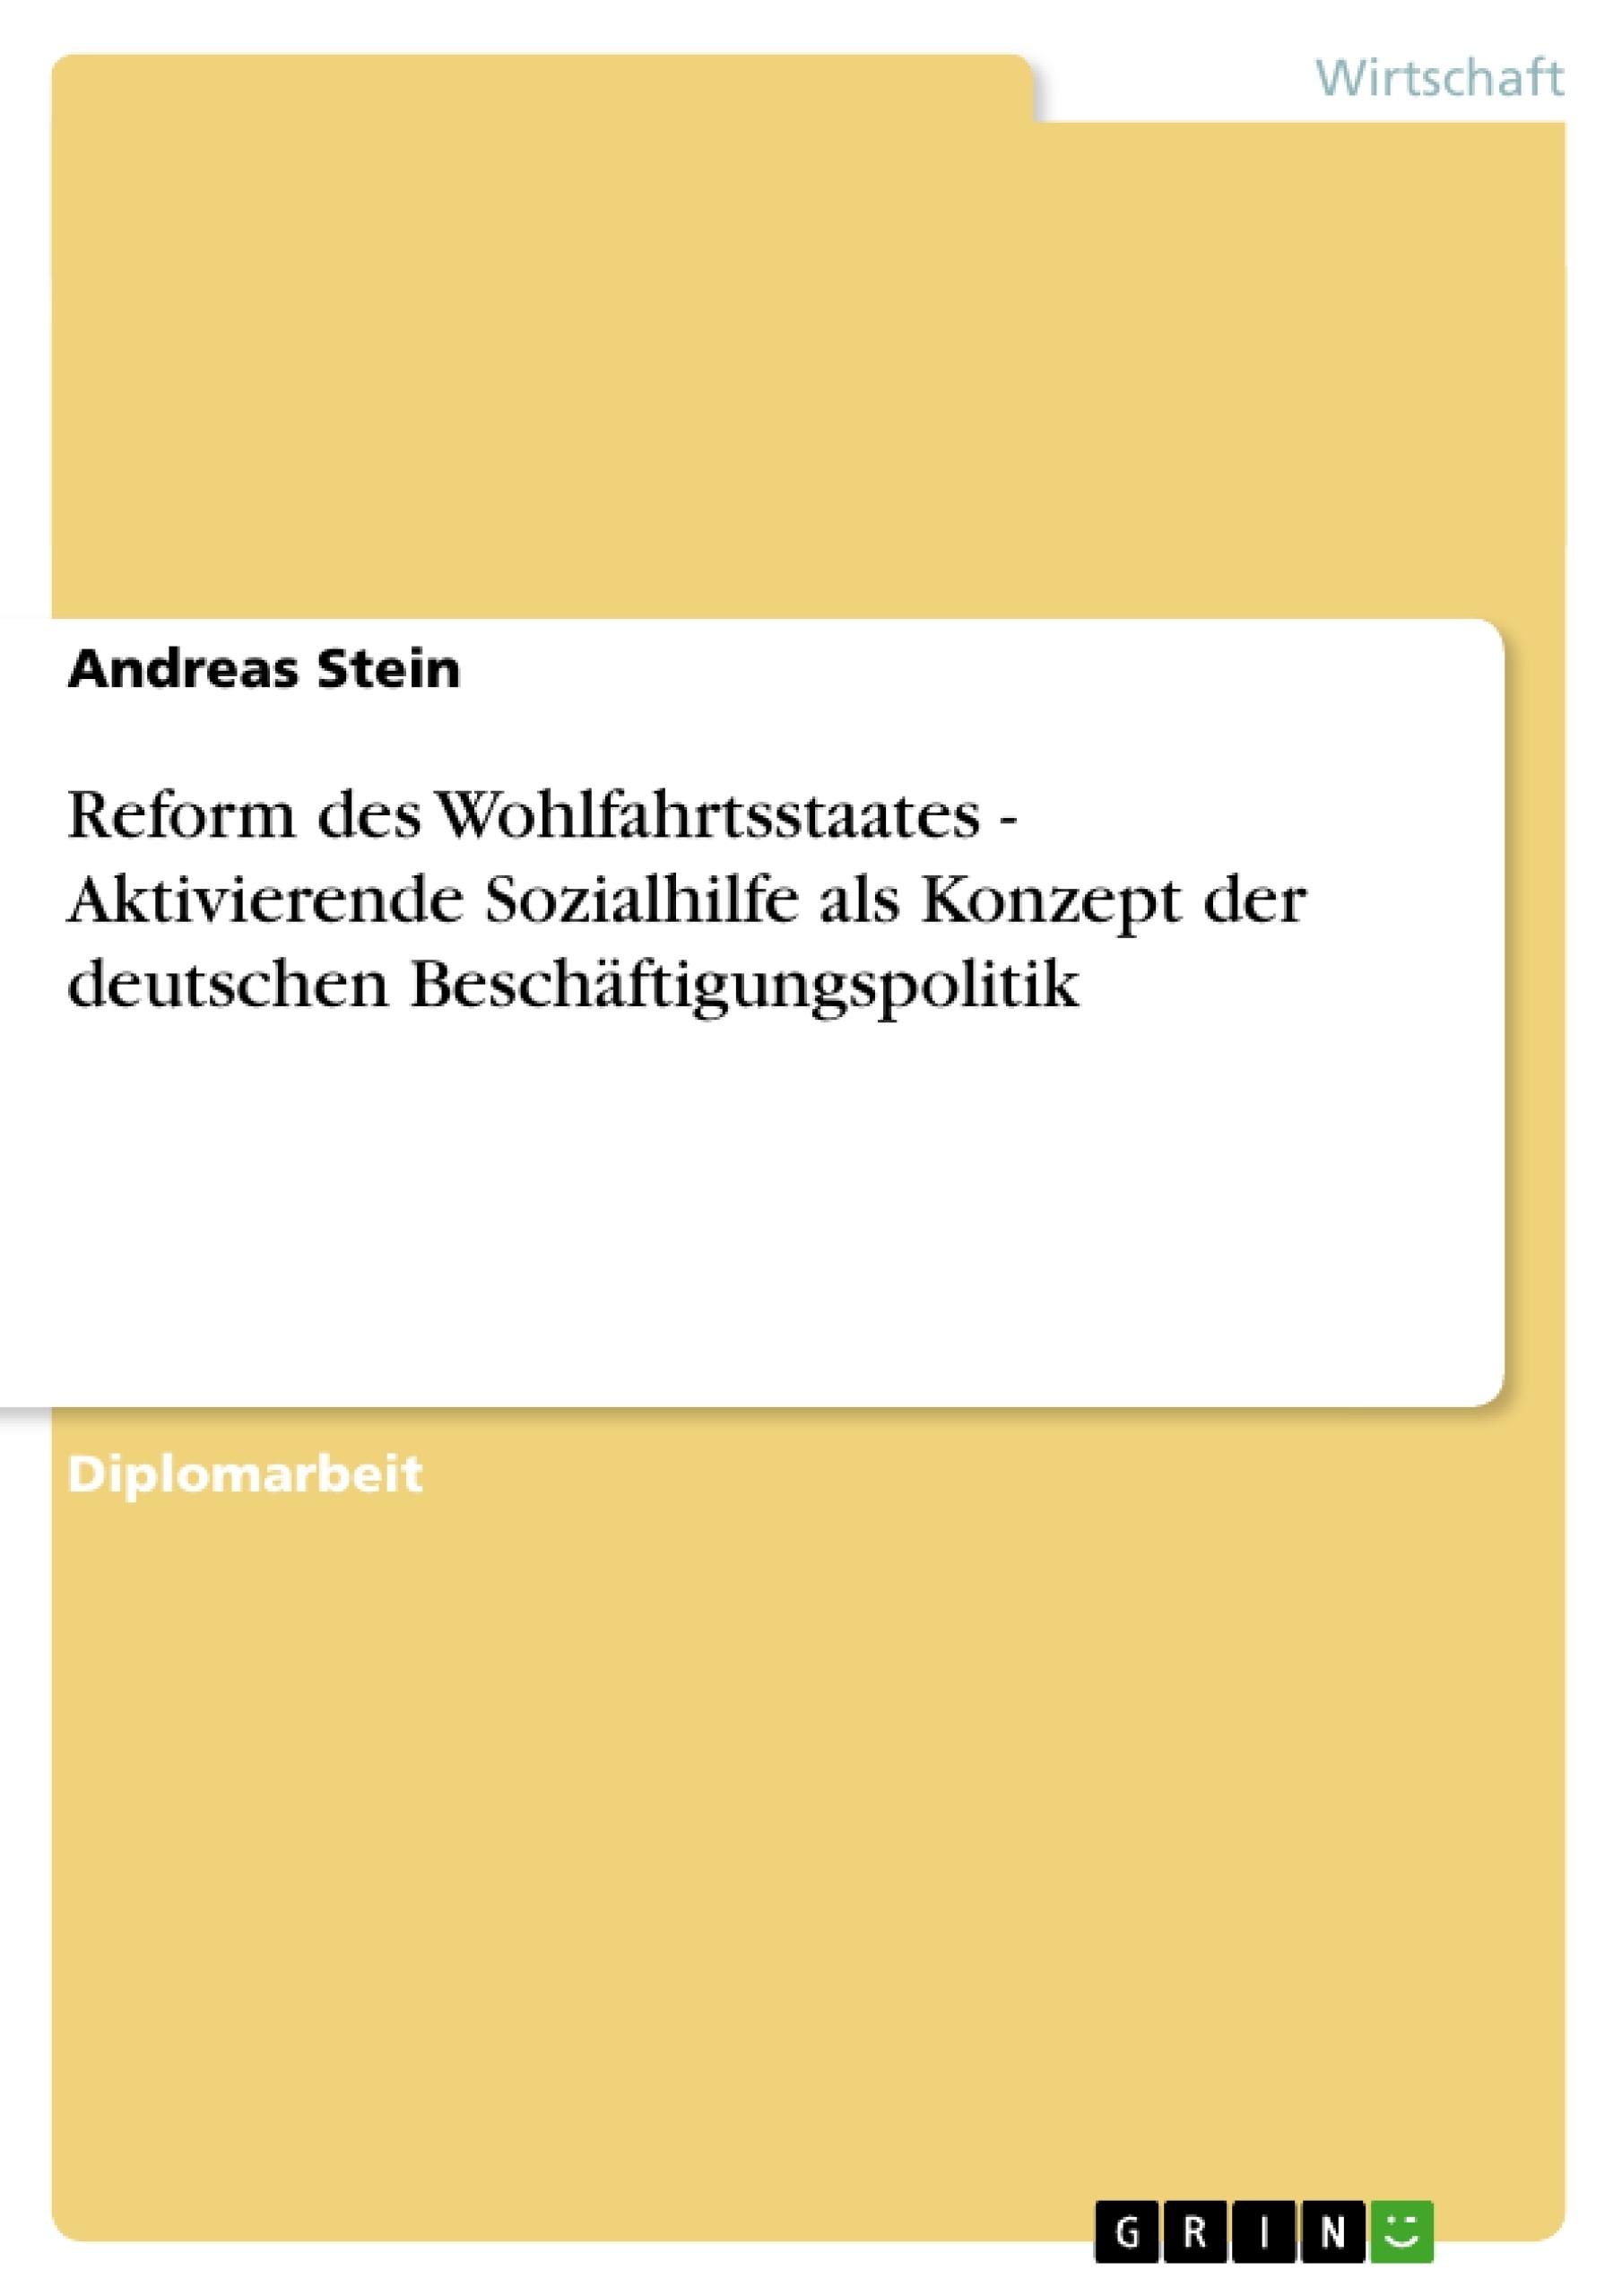 Titel: Reform des Wohlfahrtsstaates - Aktivierende Sozialhilfe als Konzept der deutschen Beschäftigungspolitik